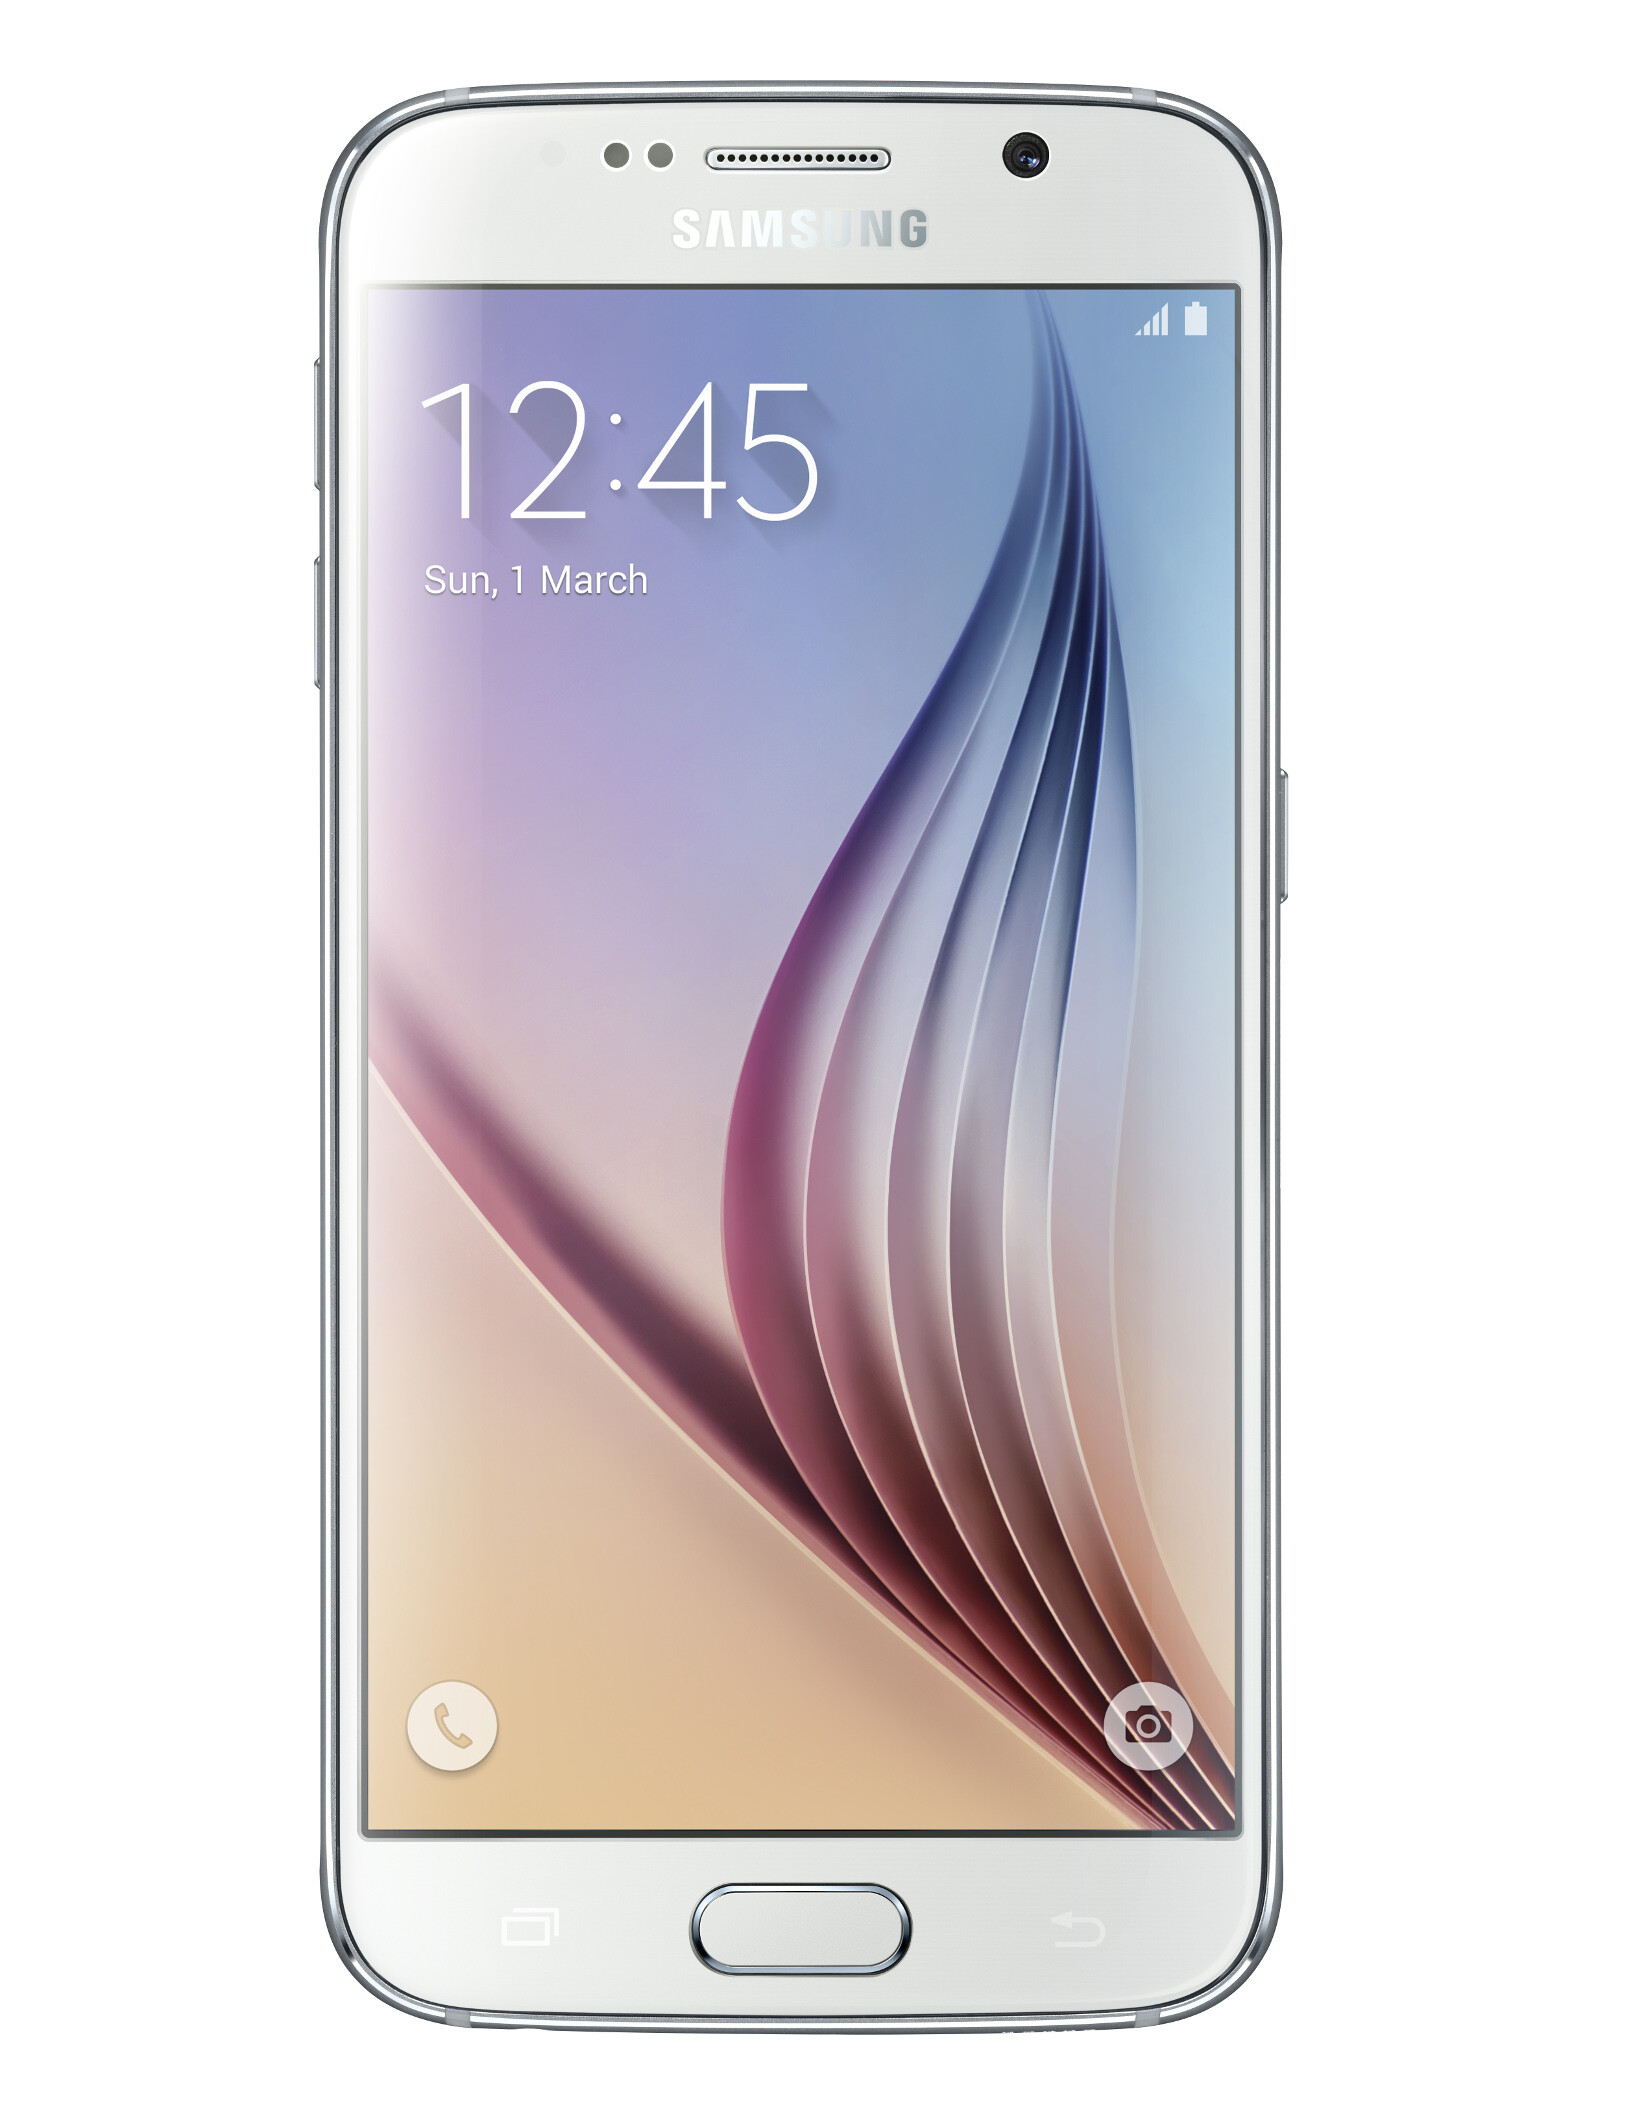 Samsung galaxy s6 - Samsung Galaxy S6 4